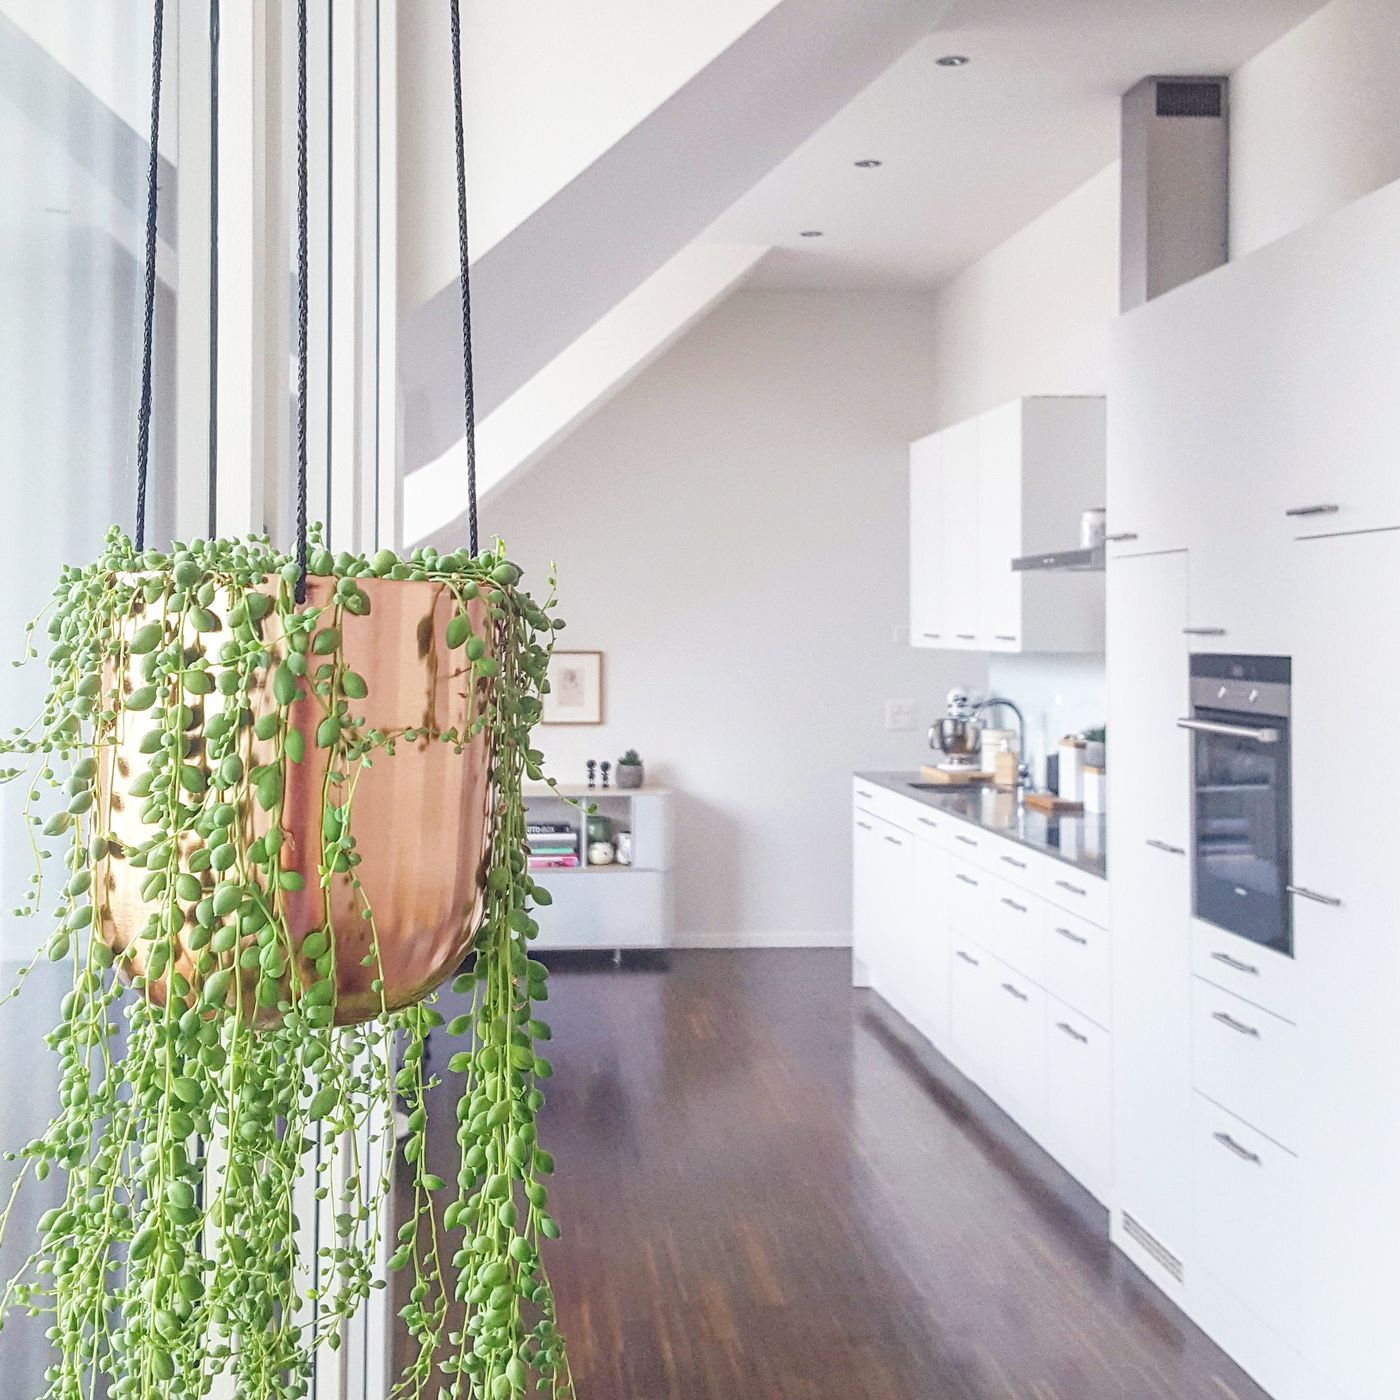 ideen f r deine wohnung im dachgeschoss mit dachschr gen seite 2. Black Bedroom Furniture Sets. Home Design Ideas